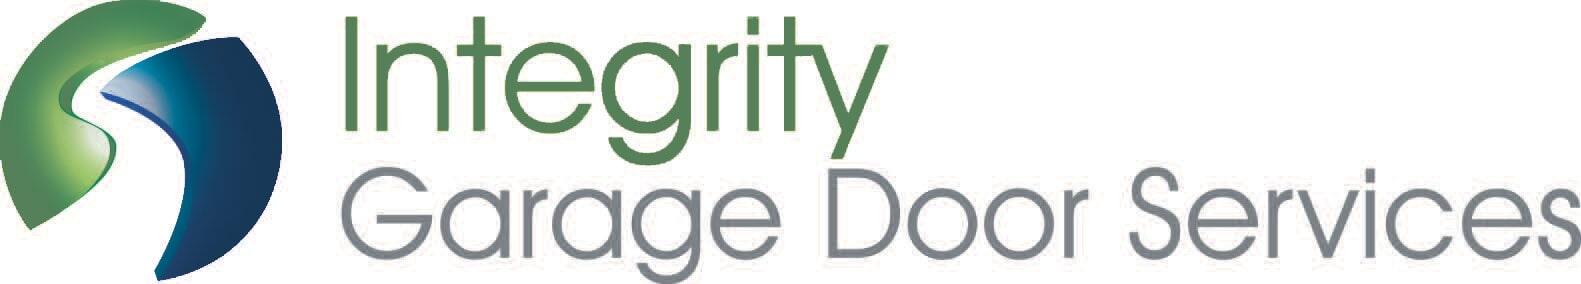 Integrity Garage Door Service